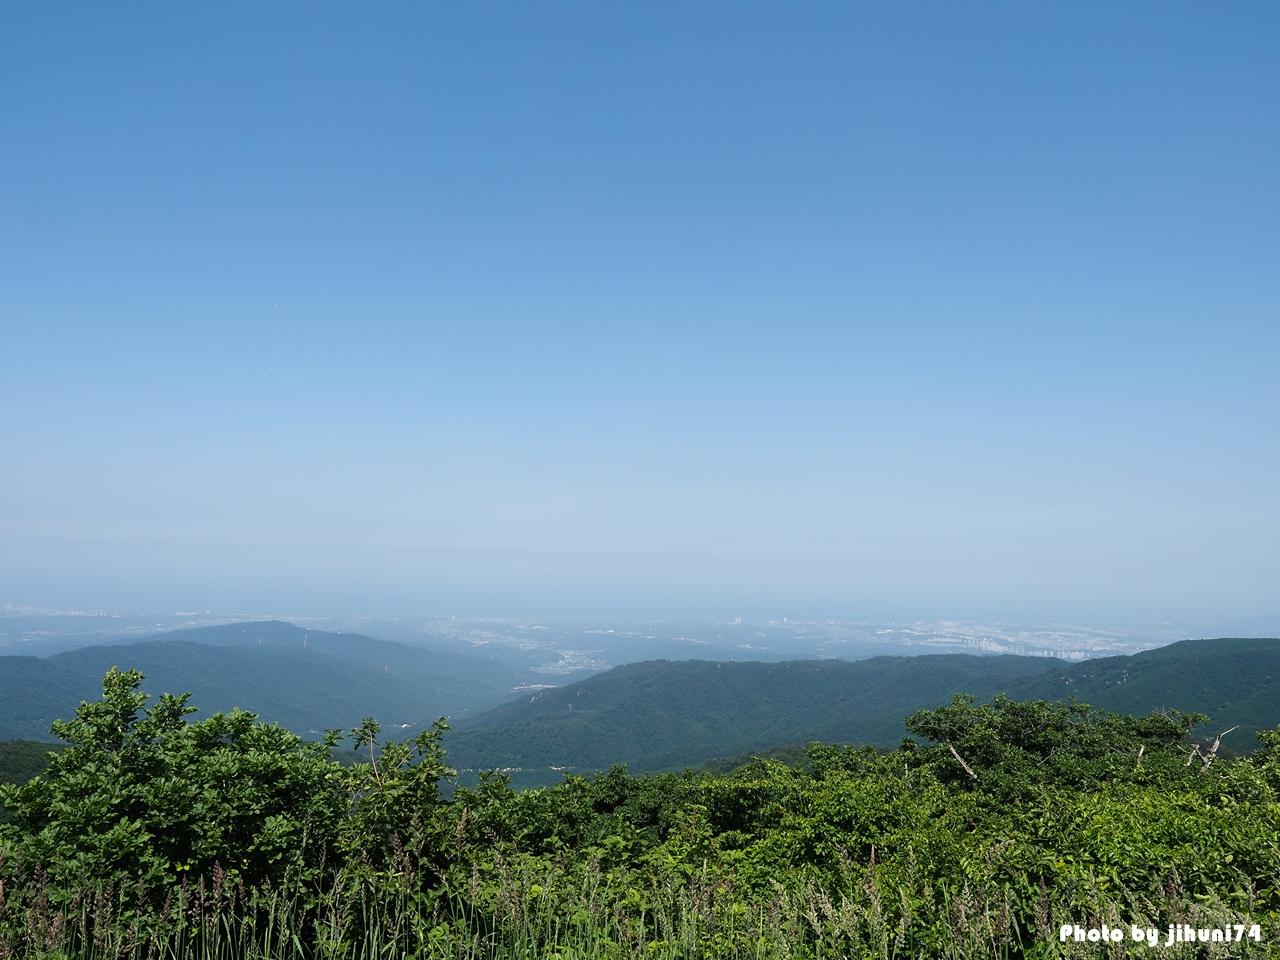 [강원도  평창] 하늘과 맏닿은 목장, 대관령 삼양목장의 풍경